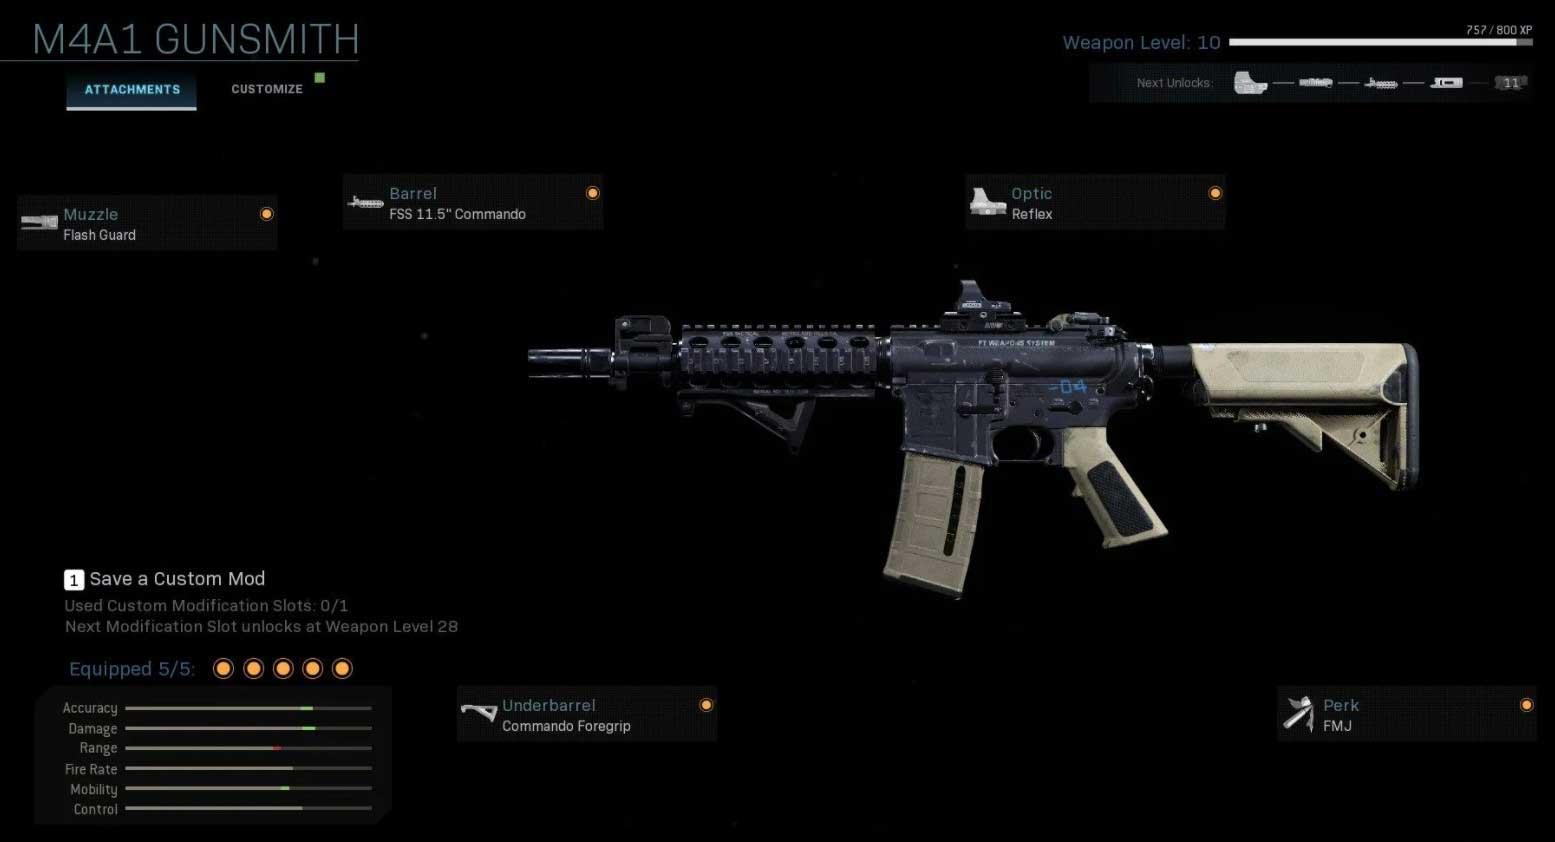 Чтобы разблокировать все предметы, доступные в Call of Duty Warzone, вам понадобится много очков опыта